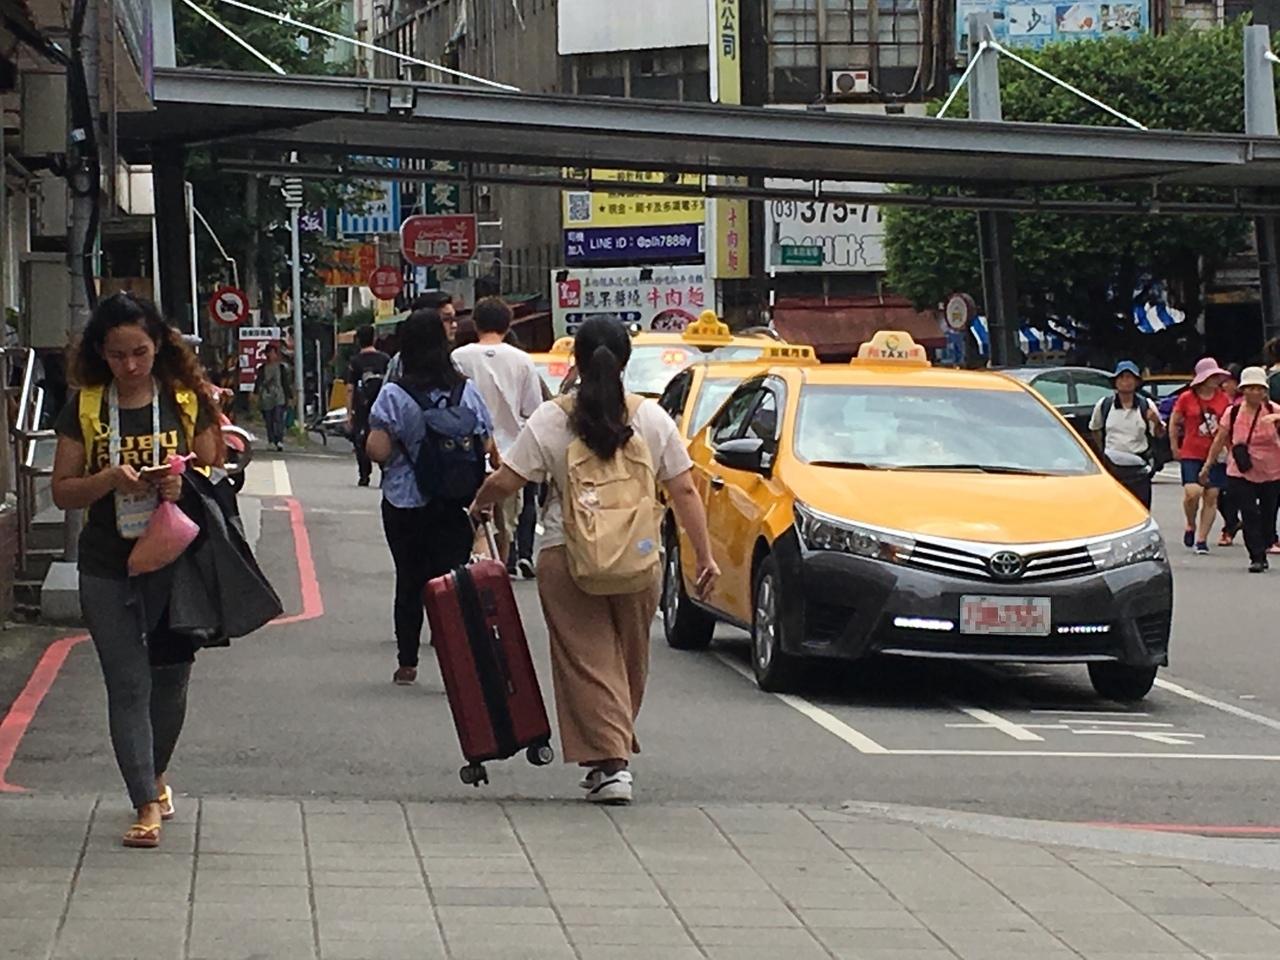 桃園市計程車費率調漲,桃市府交通局已審議通過,12月20日上路。 記者張裕珍/攝影